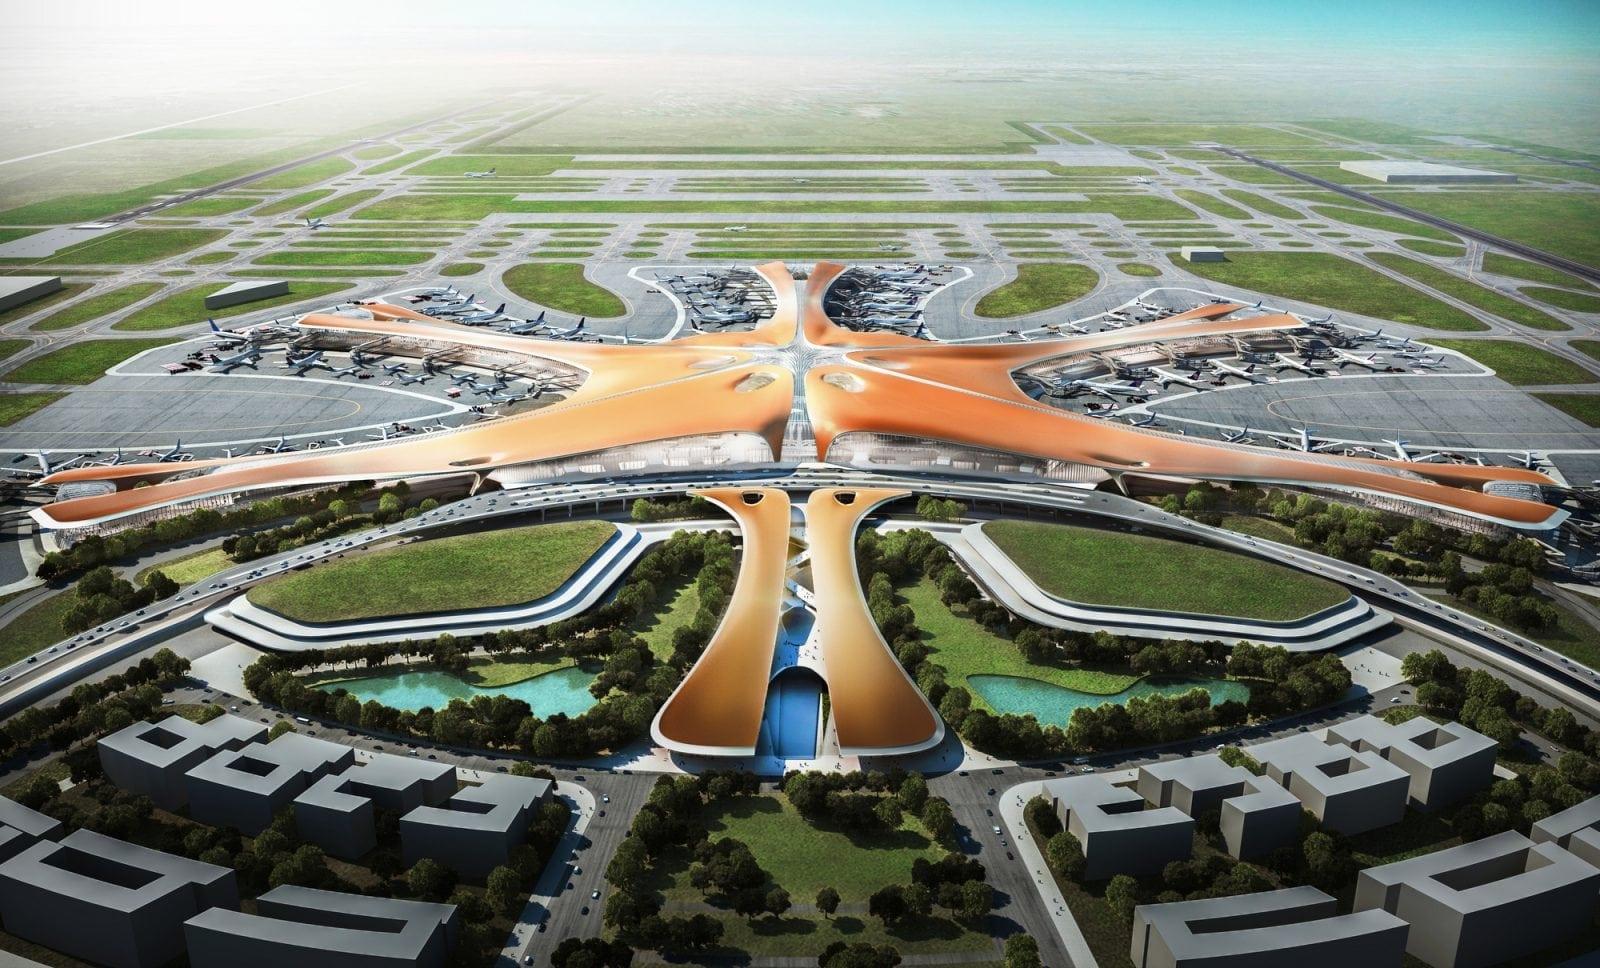 Cel mai mare terminal din lume este proiectat de Zaha Hadid